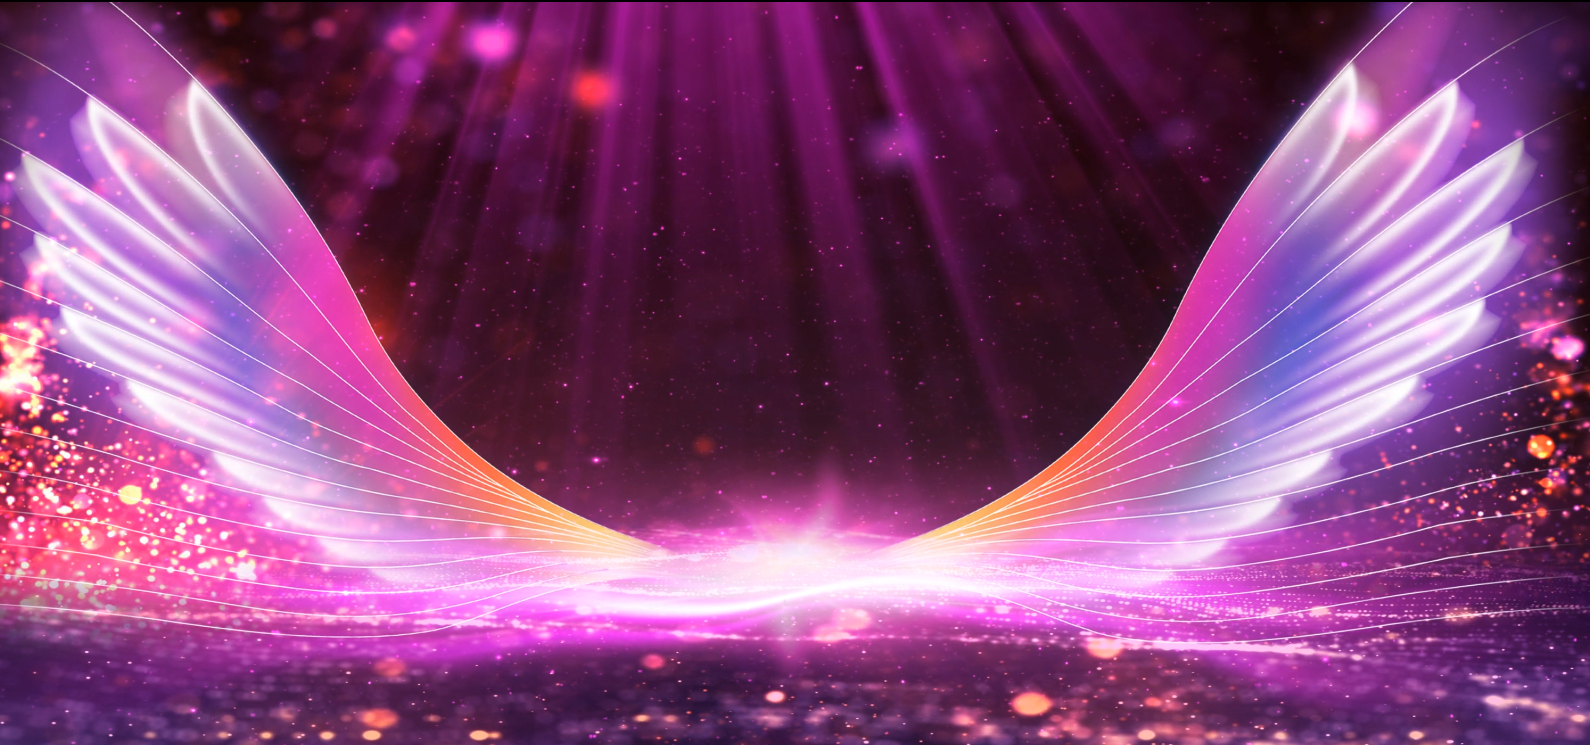 唯美梦幻的翅膀LED大屏背景